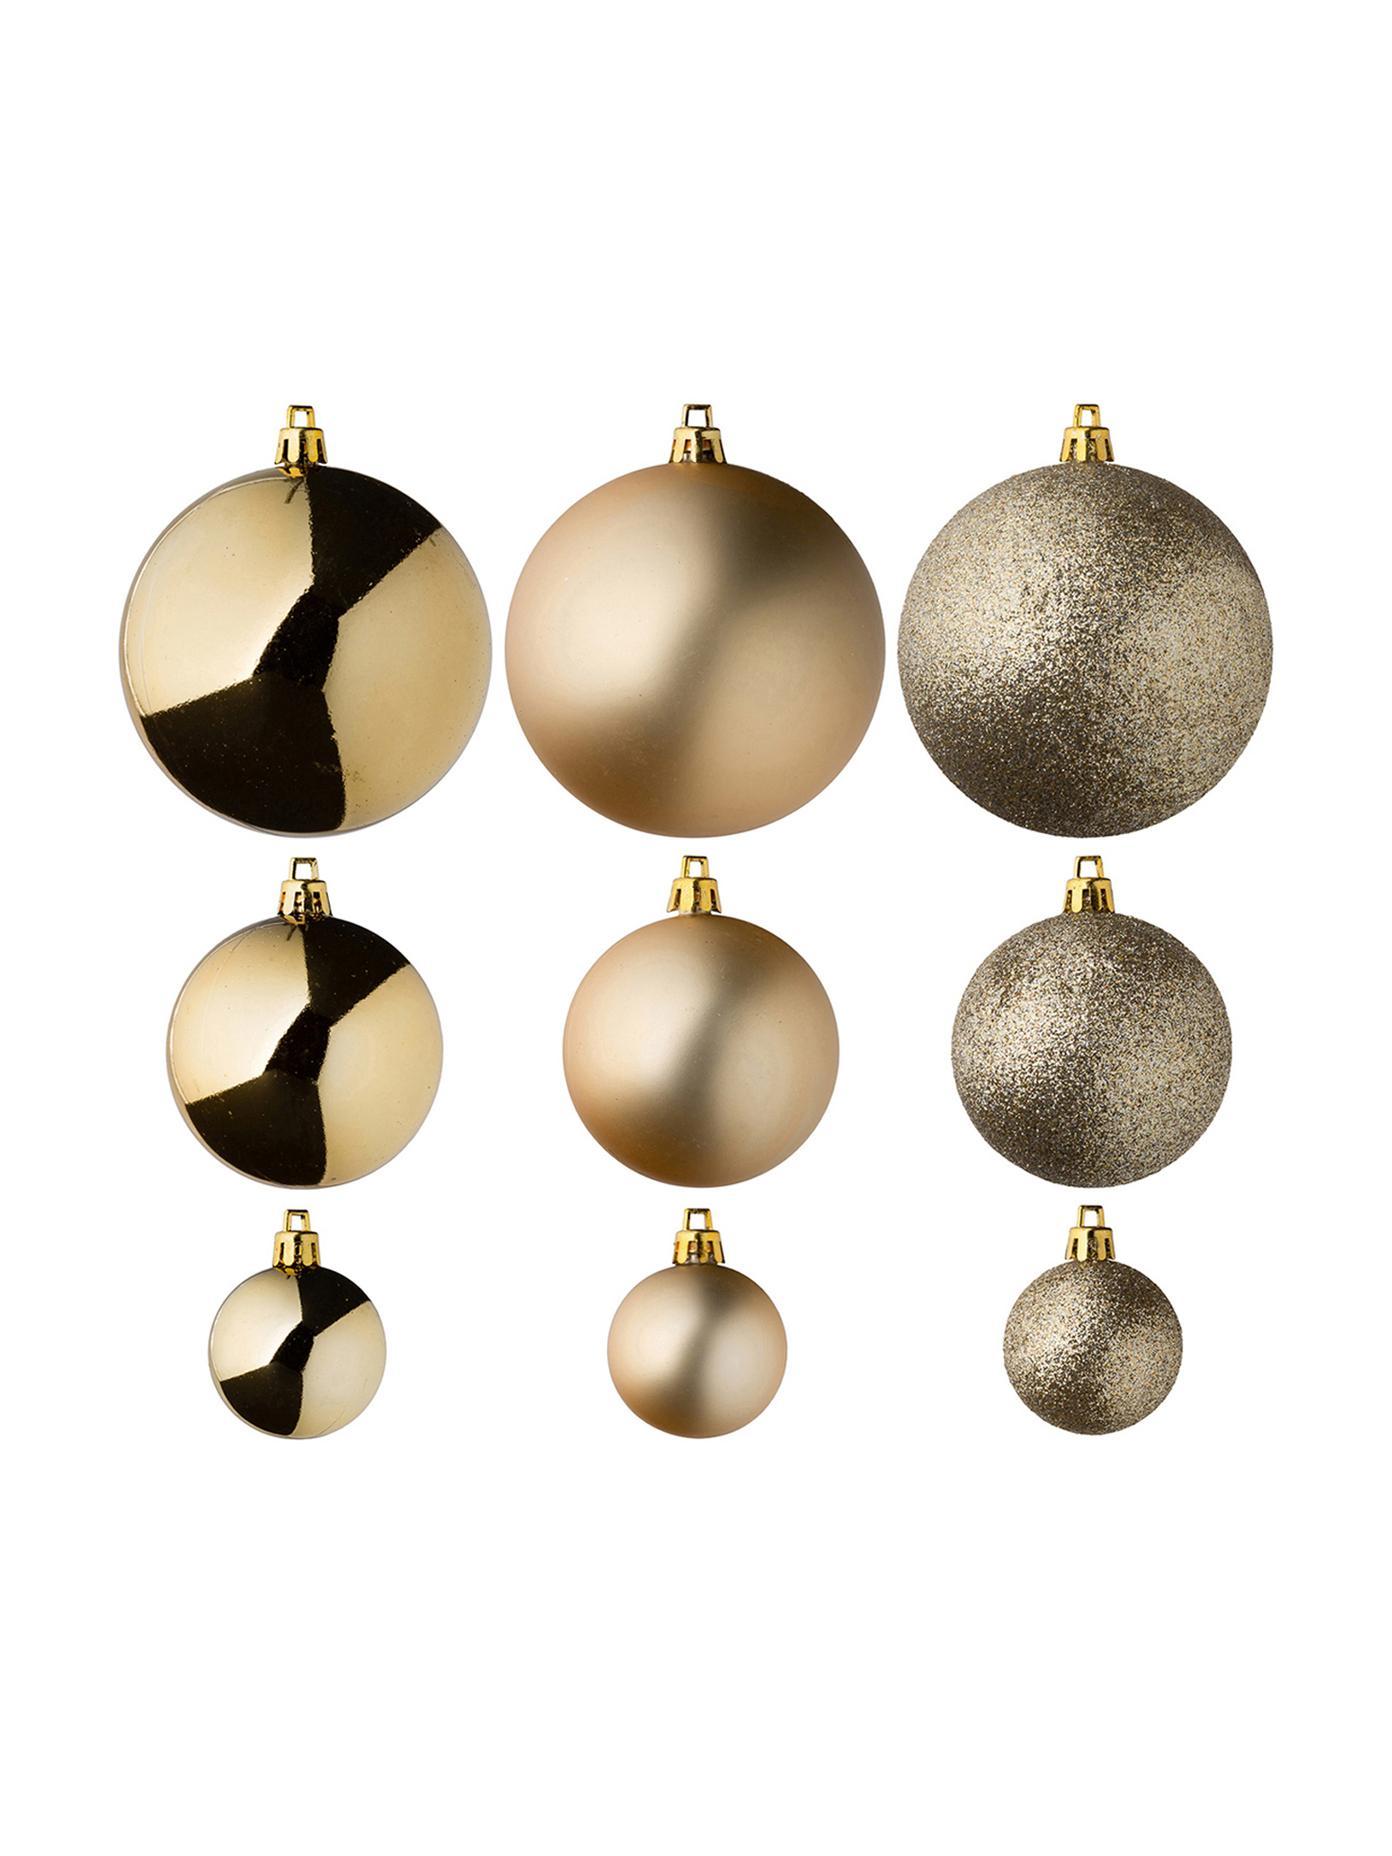 Kerstballenset Silvia, 46-delig, Kunststof, Goudkleurig, Verschillende formaten